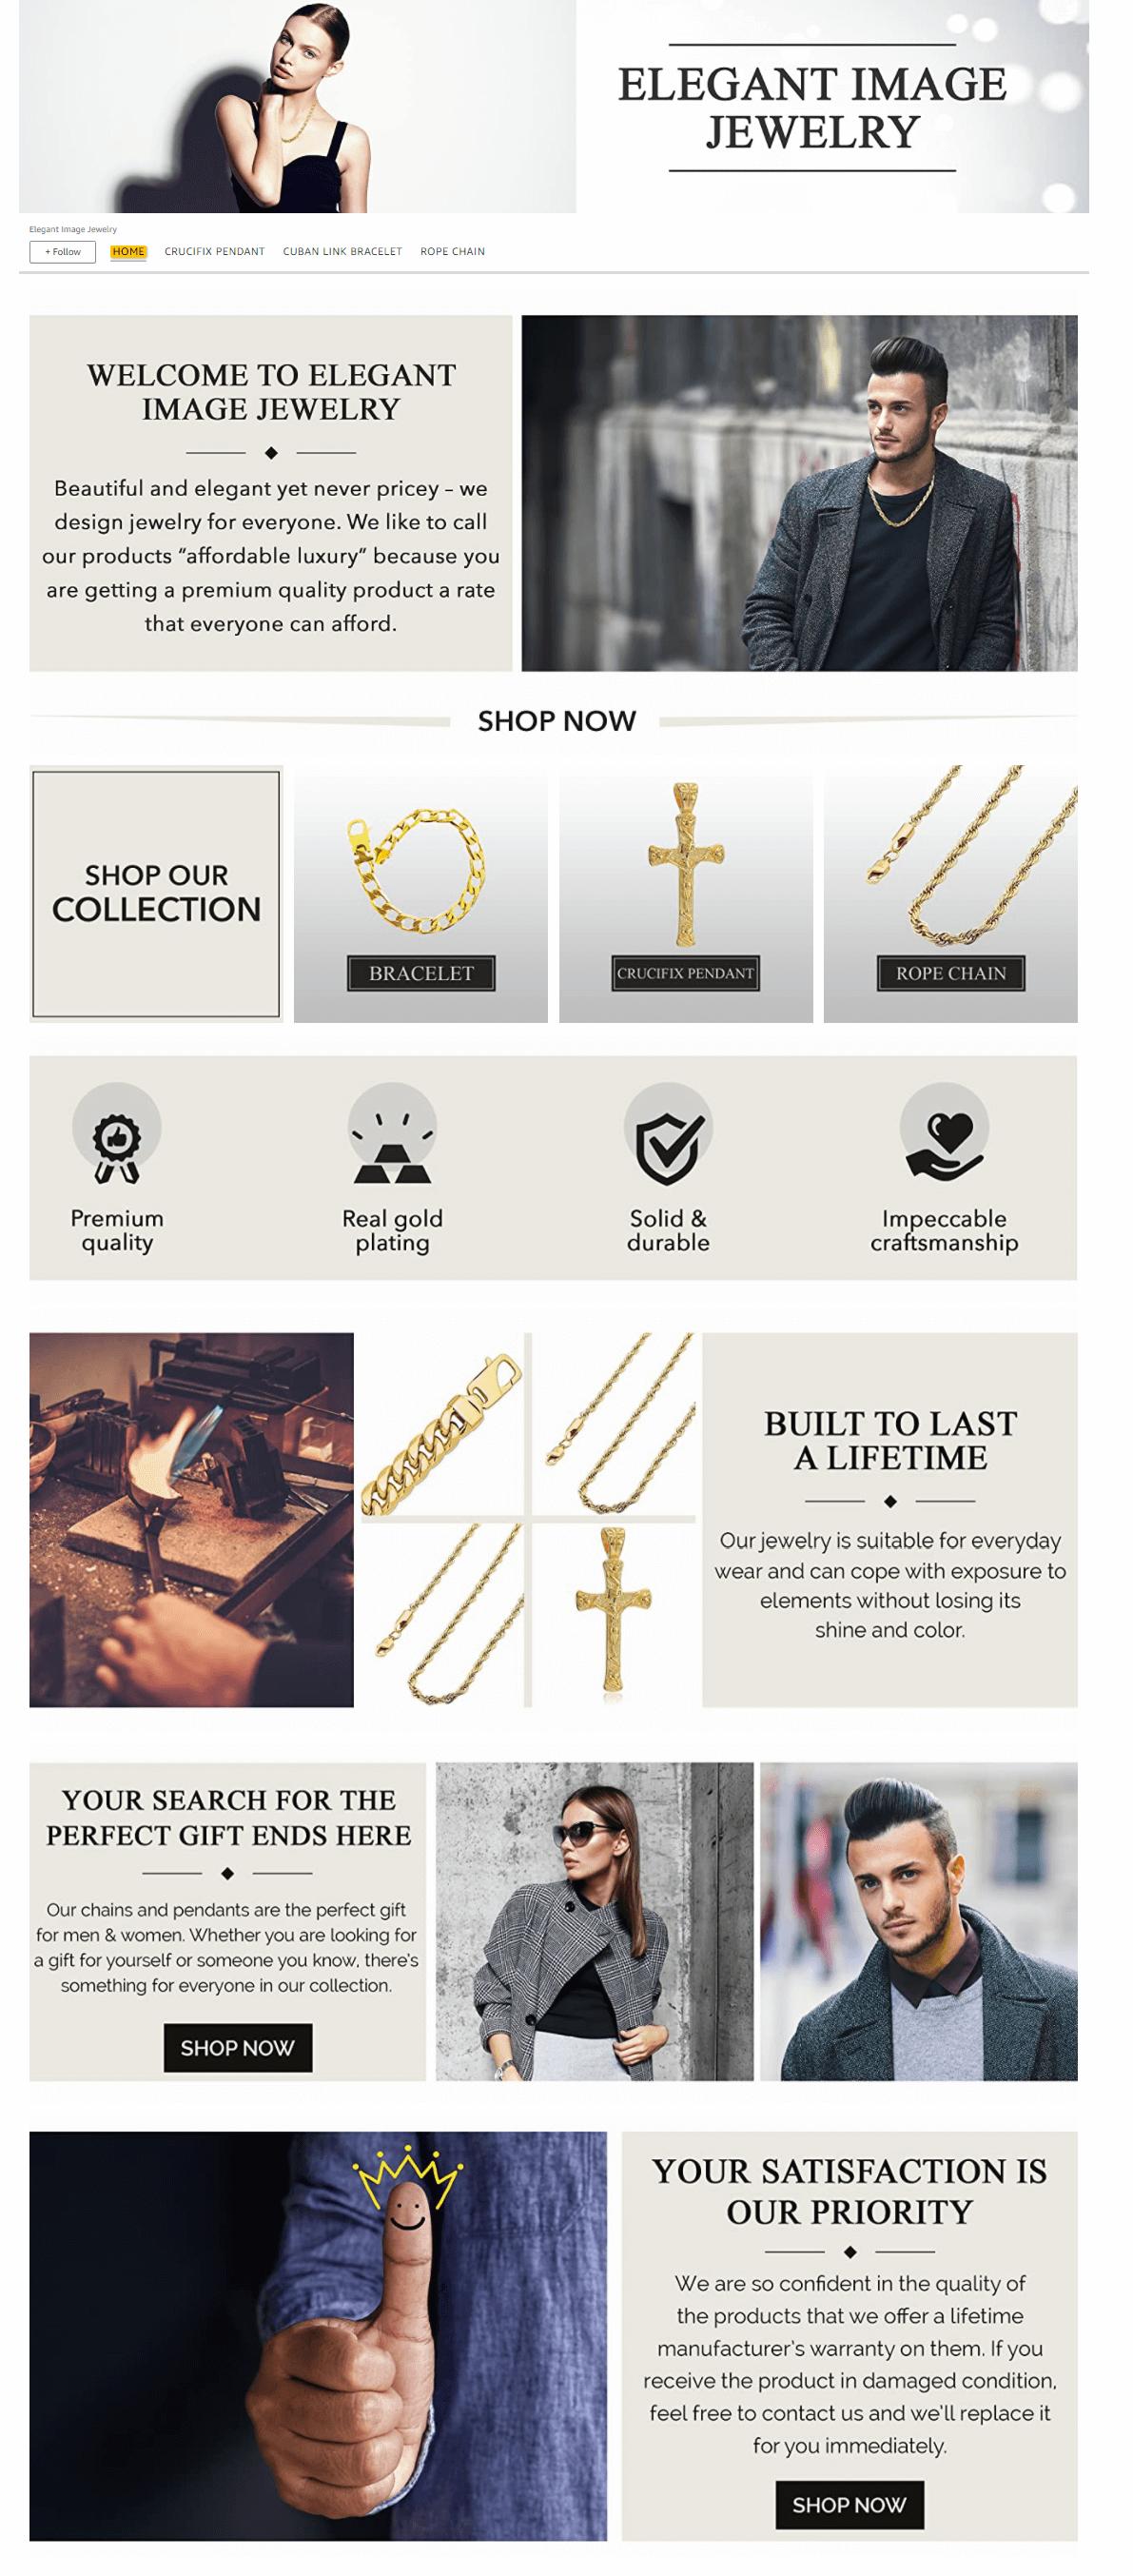 Elegant Image Jewelry Amazon Storefront